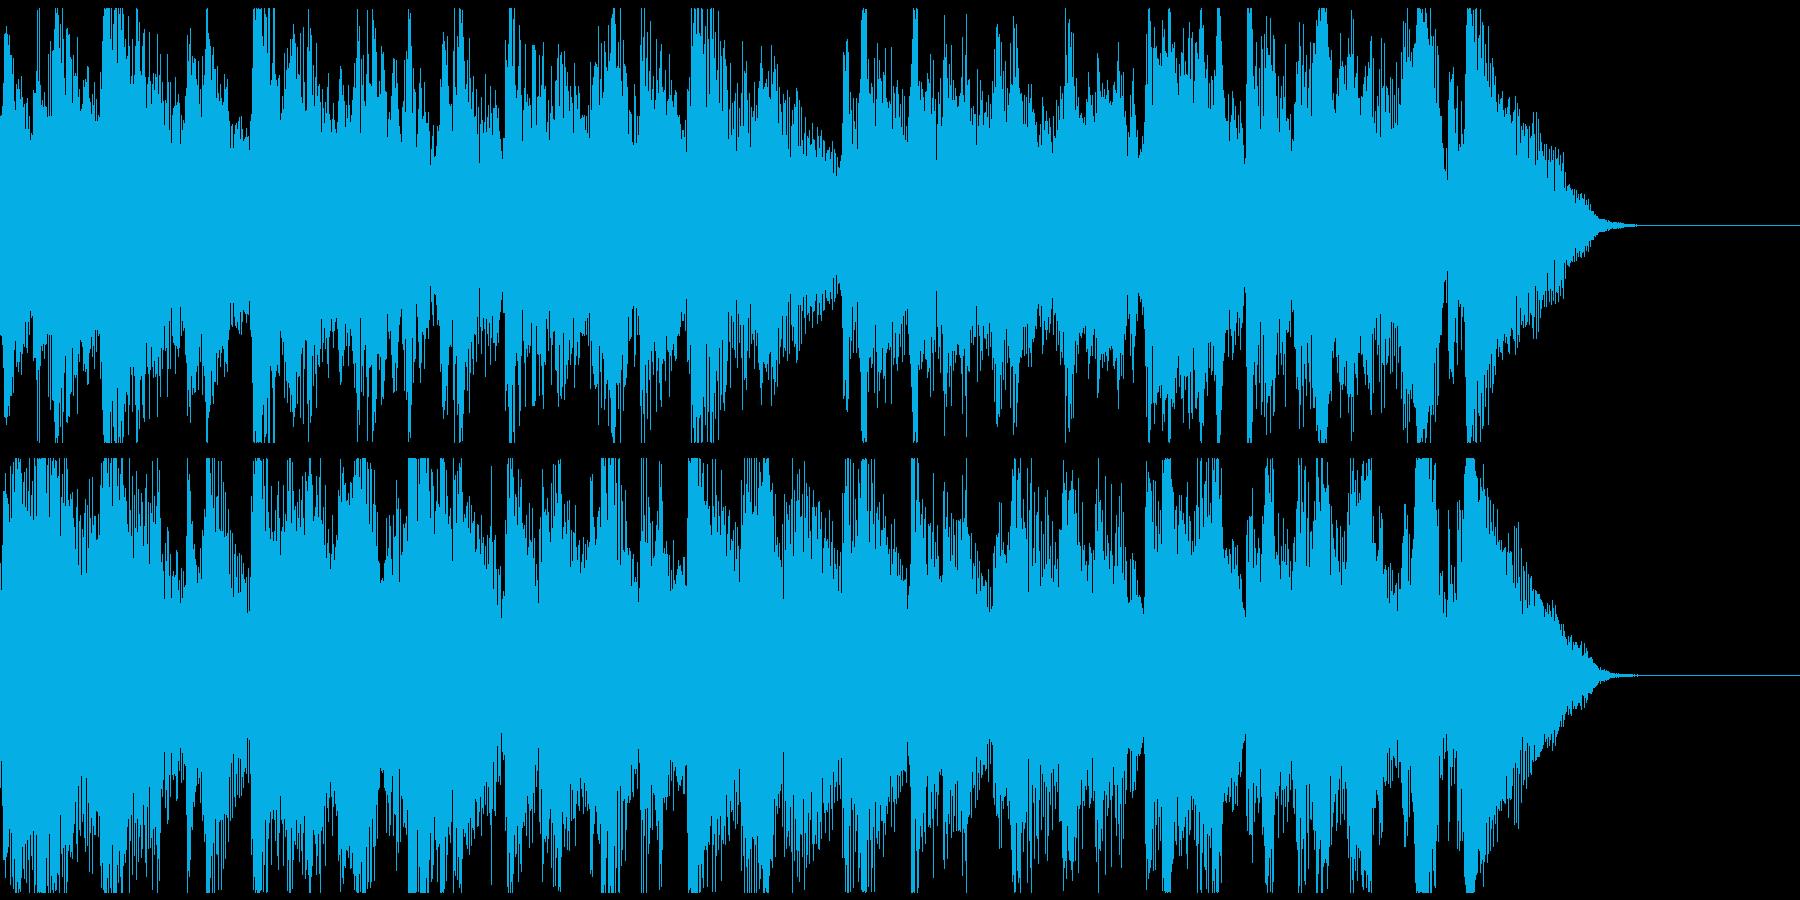 ジャズ調のおしゃれバーなジングルの再生済みの波形